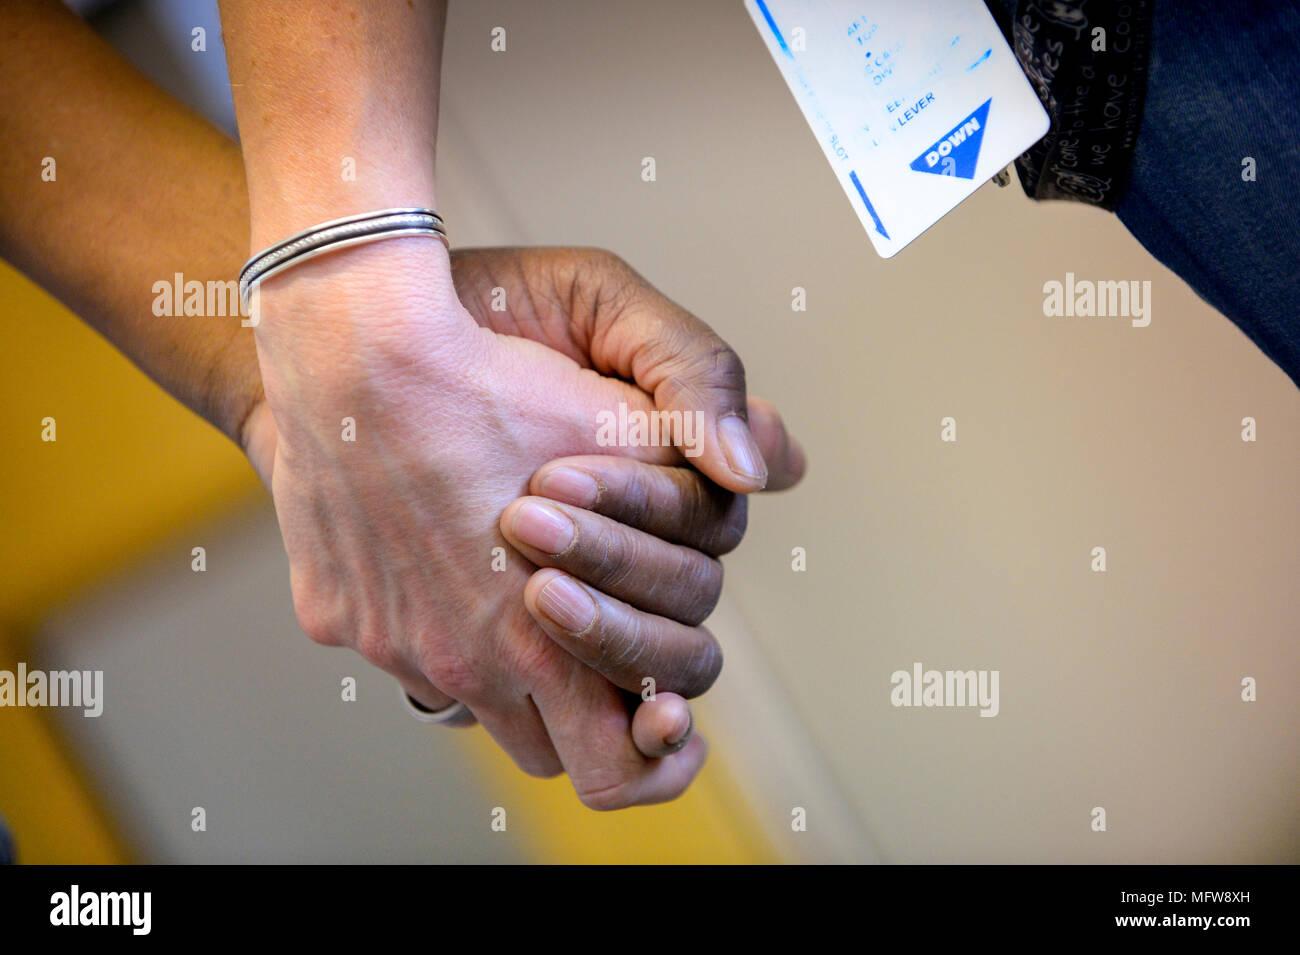 Dos personas cogidas de las manos en un hospital / cuidando el medio ambiente. Imagen De Stock